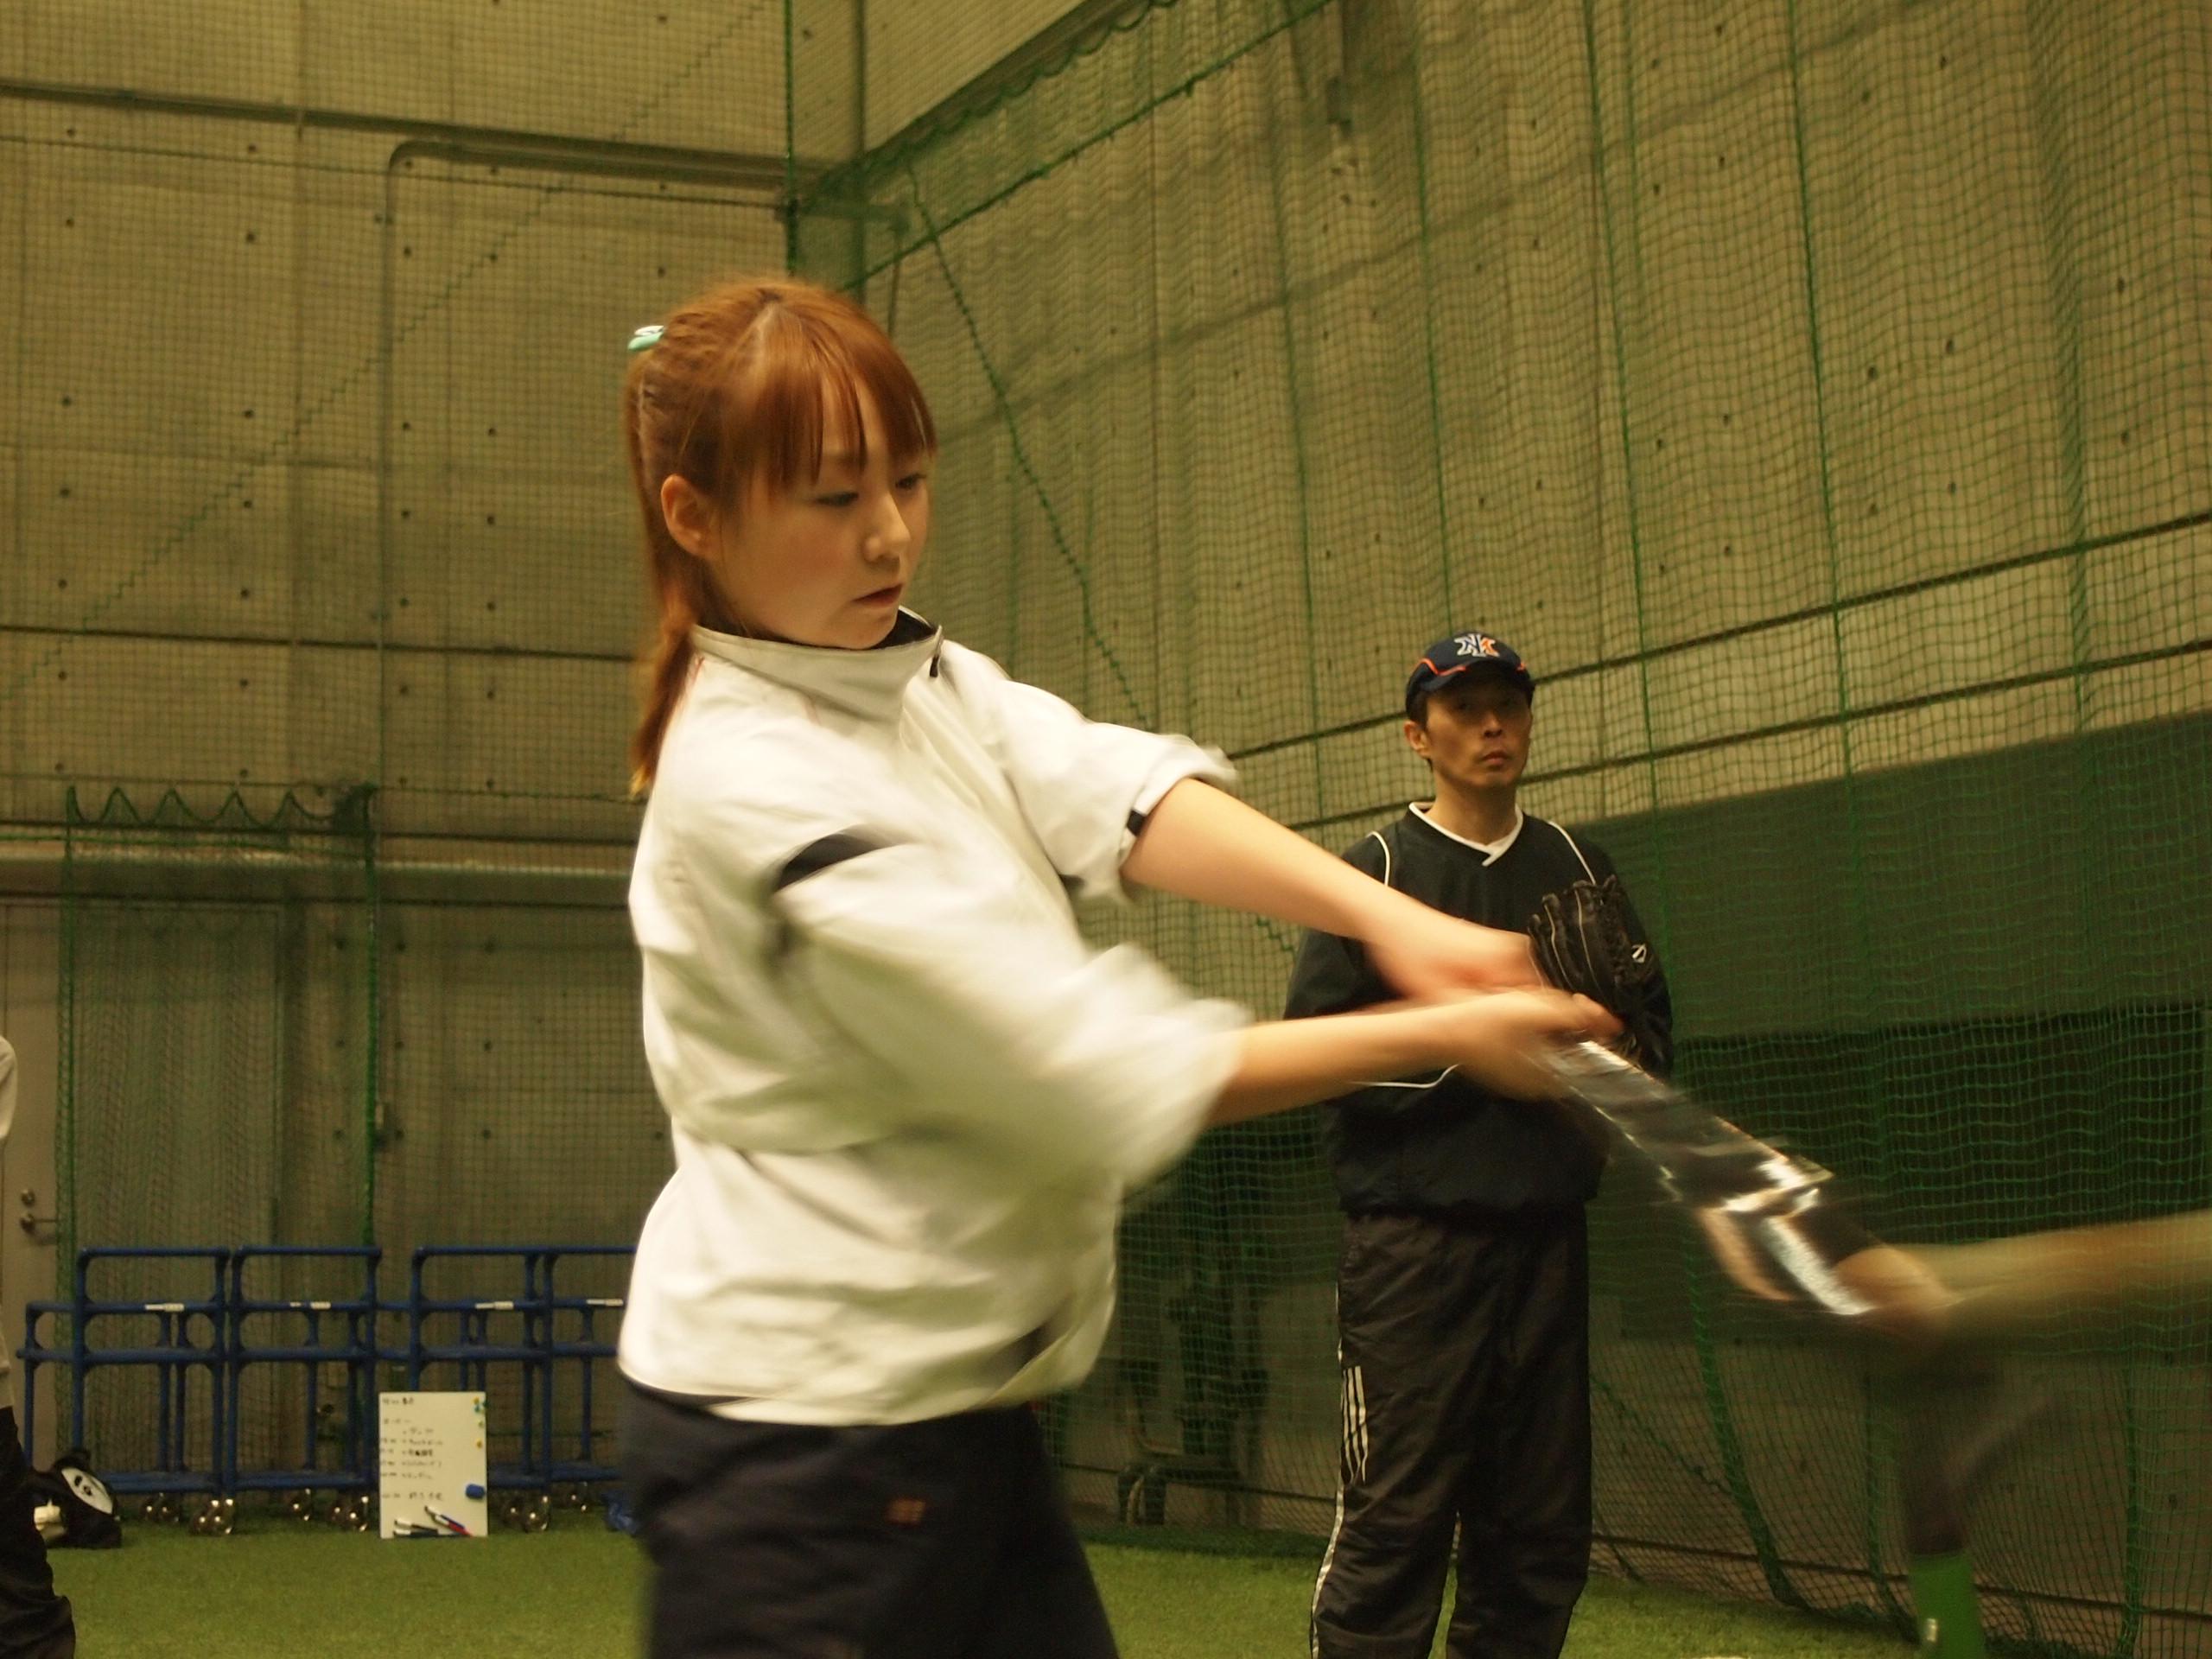 新潟市女子の早起き野球チームが誕生!その名も「Heroines(ヒロインズ)」!